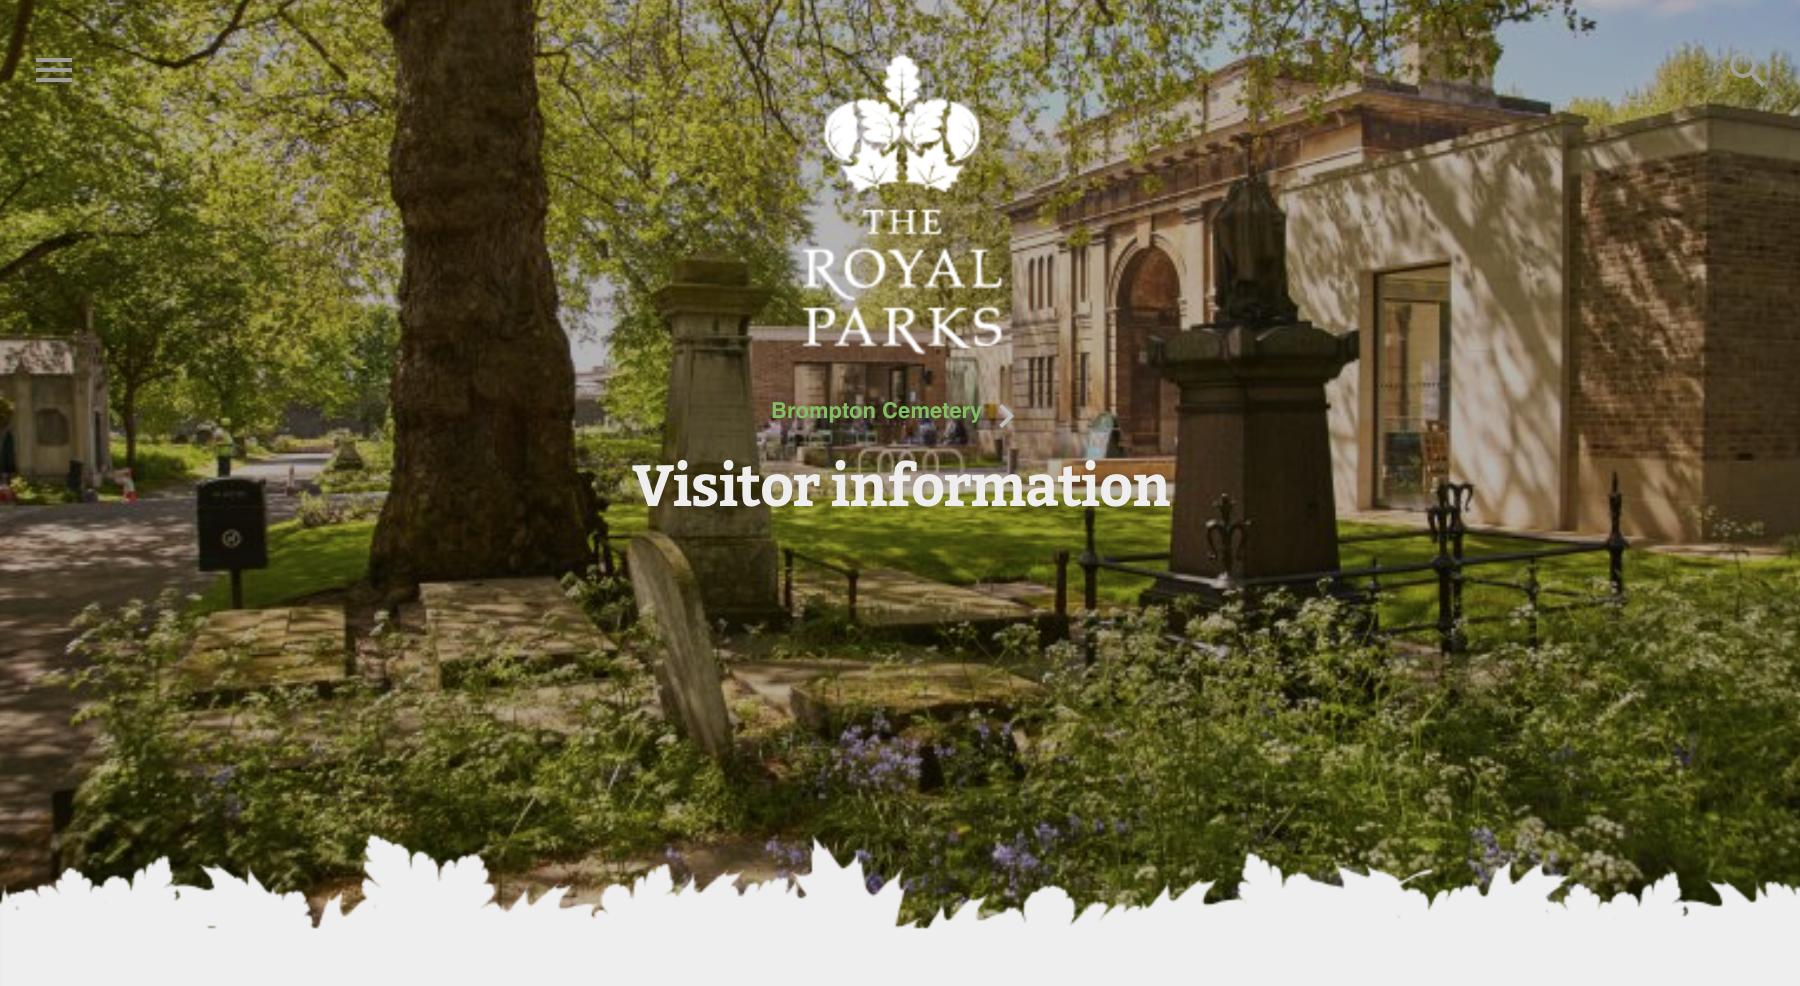 Haz click en la foto para visitar la web de Royal Parks.